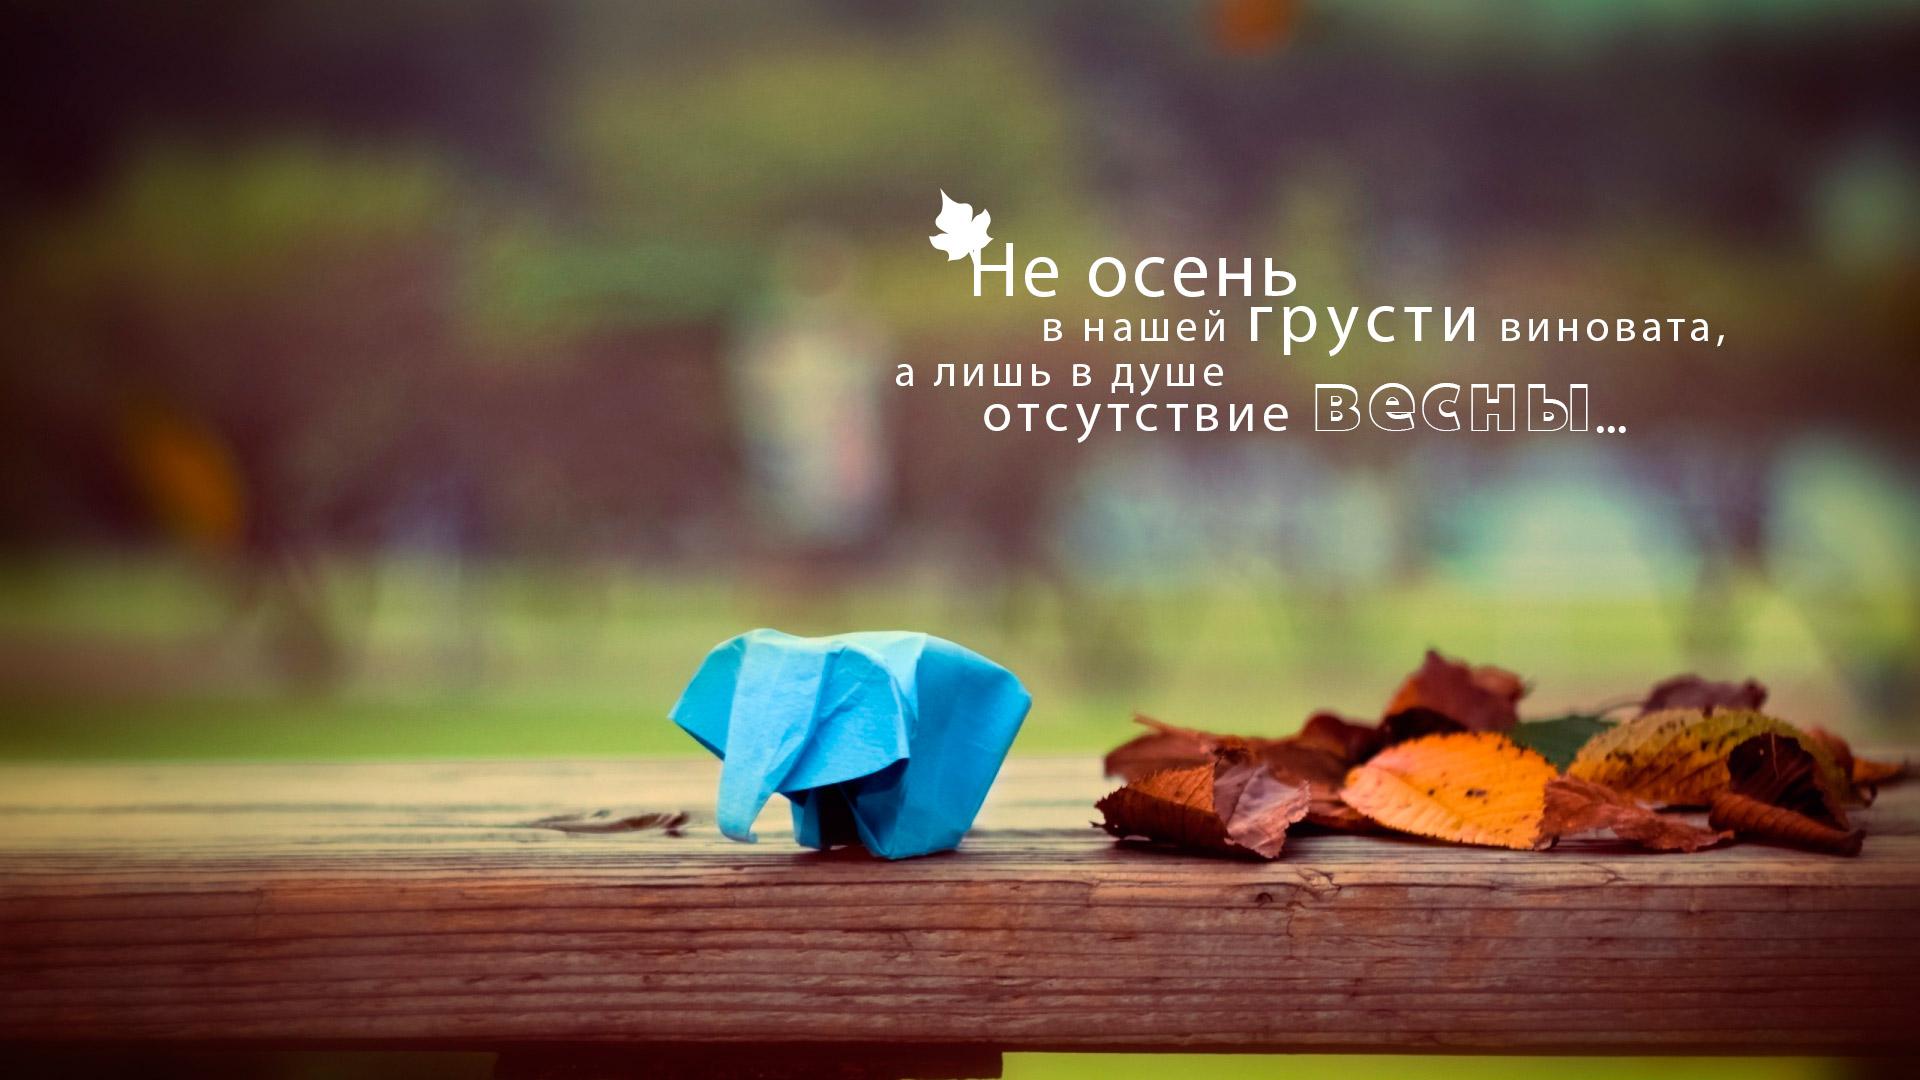 слоник оригами на лавочке с листьями - не осень в нашей грусти виновата